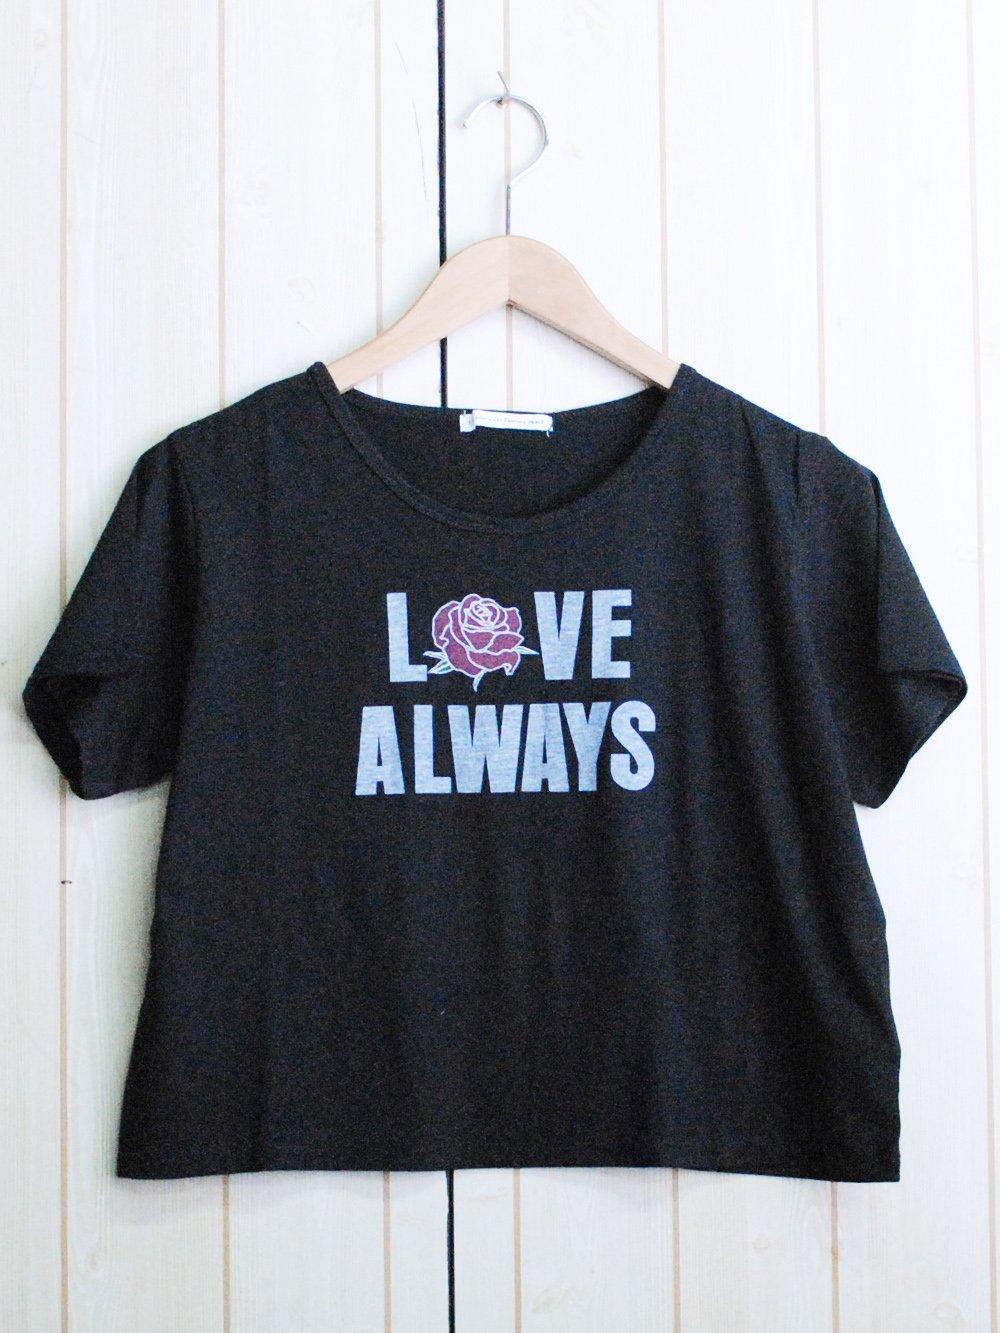 【91%OFF】@180円■5枚セット■ヴィンテージロゴチビTシャツ